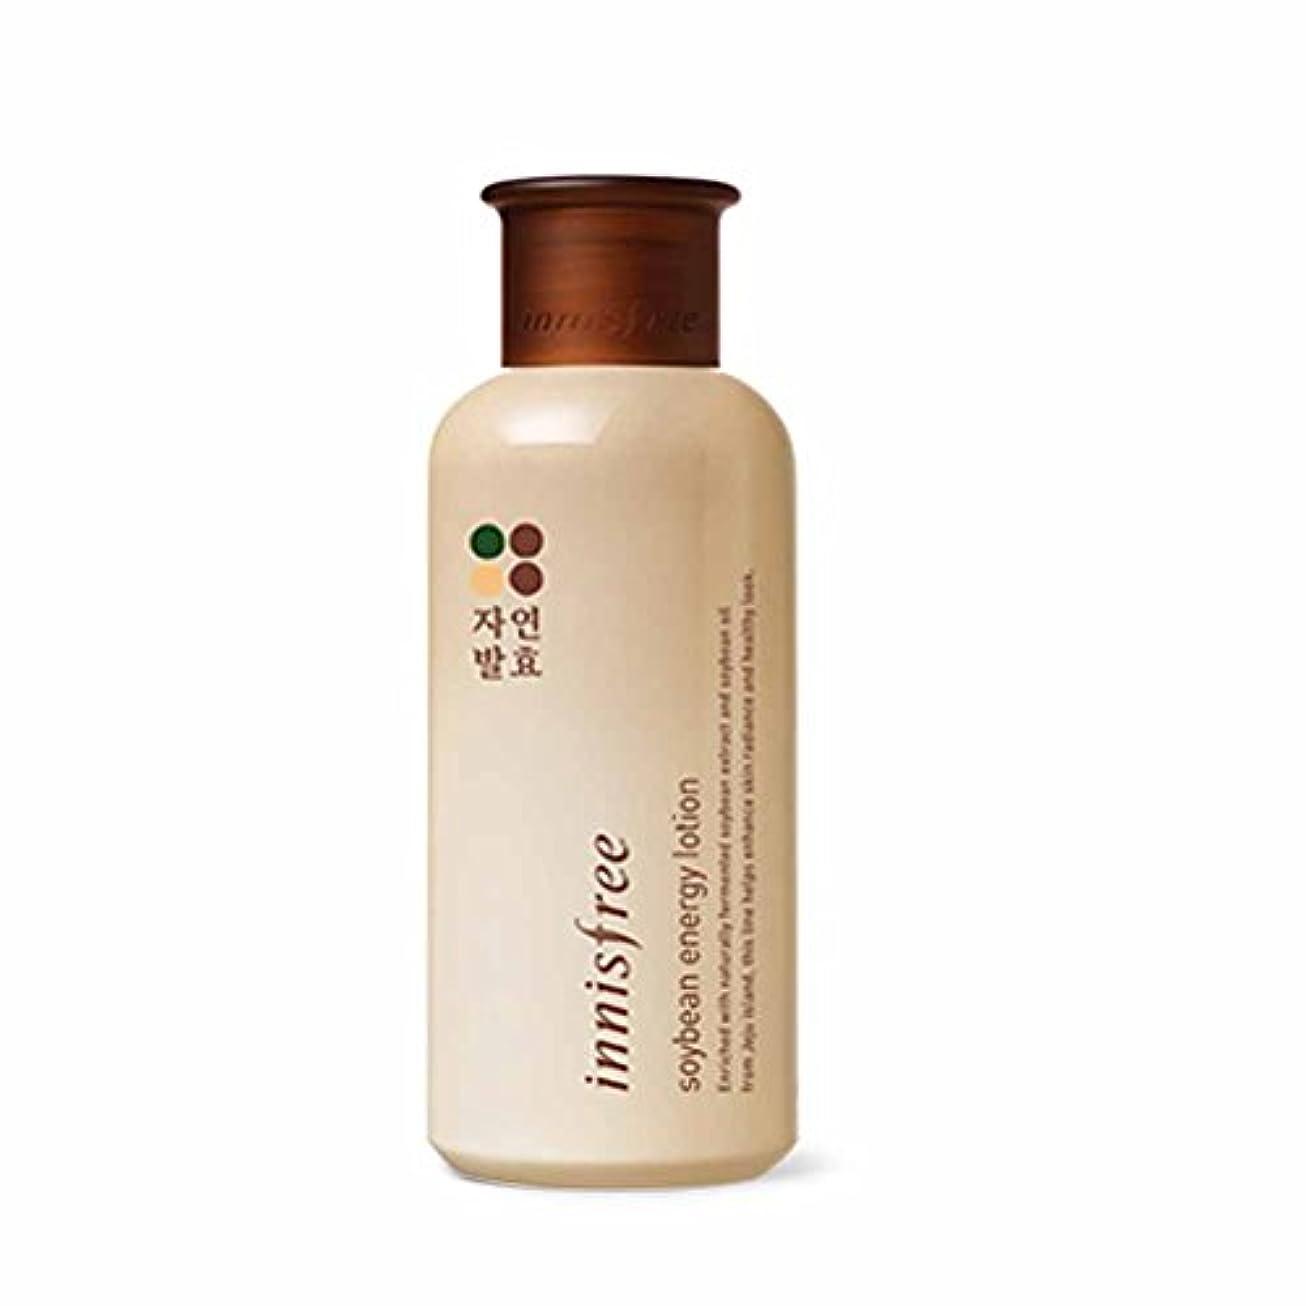 修理可能ゴージャス家族イニスフリーソイビーンエナジースキン(トナー)200ml / Innisfree Soybean Energy Skin(Toner) 200ml[海外直送品][並行輸入品]